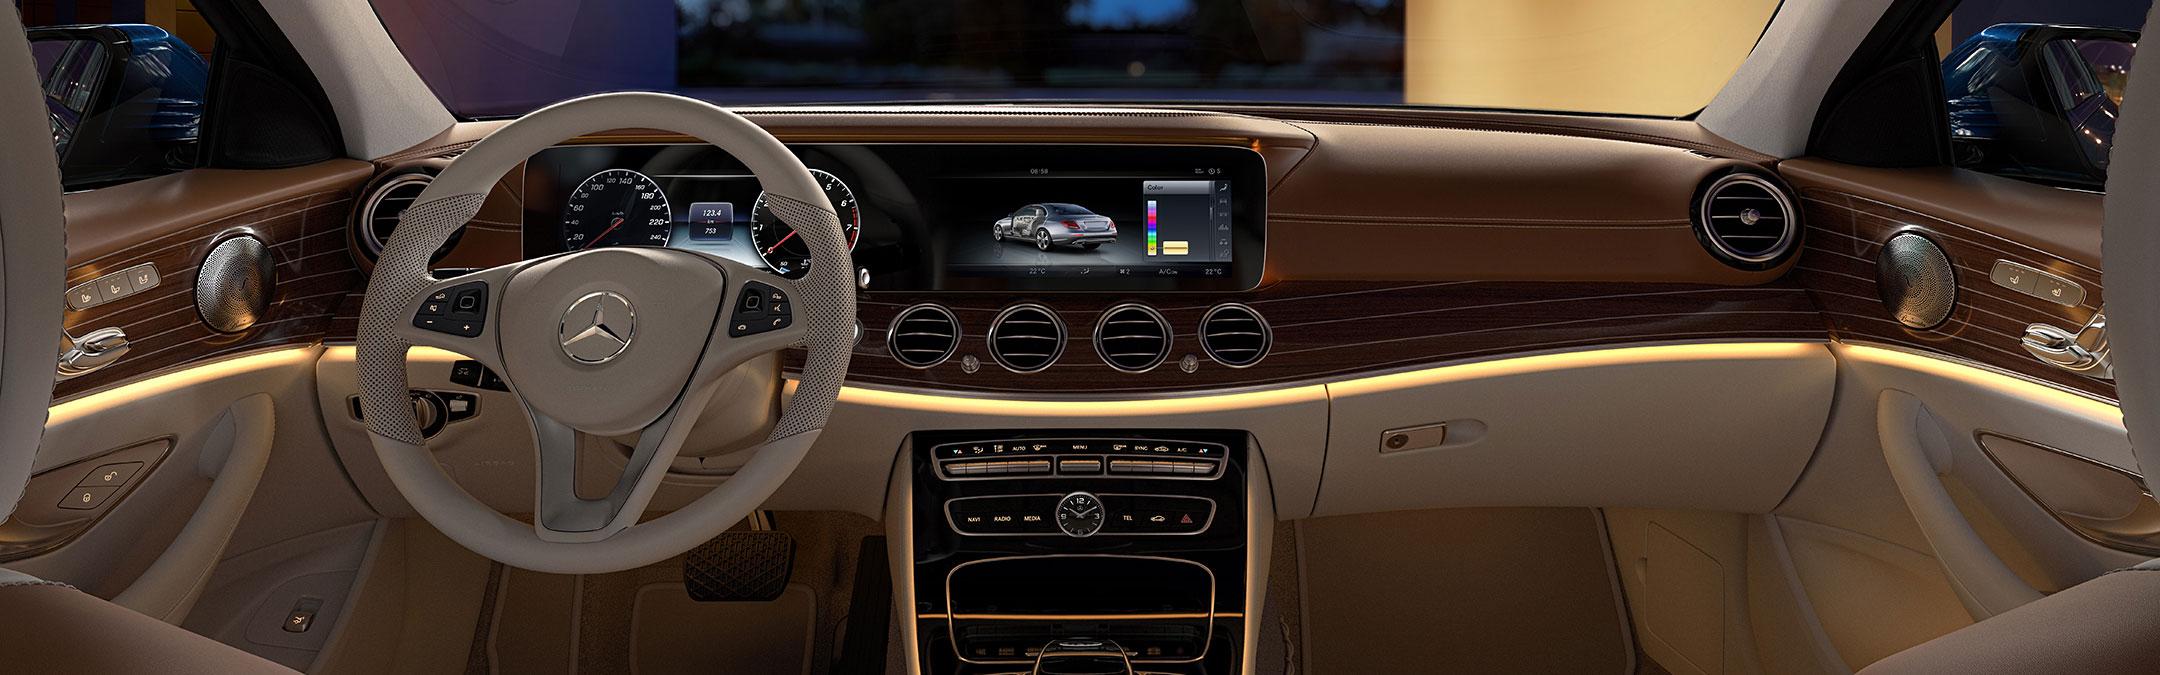 Mercedes-Benz E-Class: Roadside Assistance button